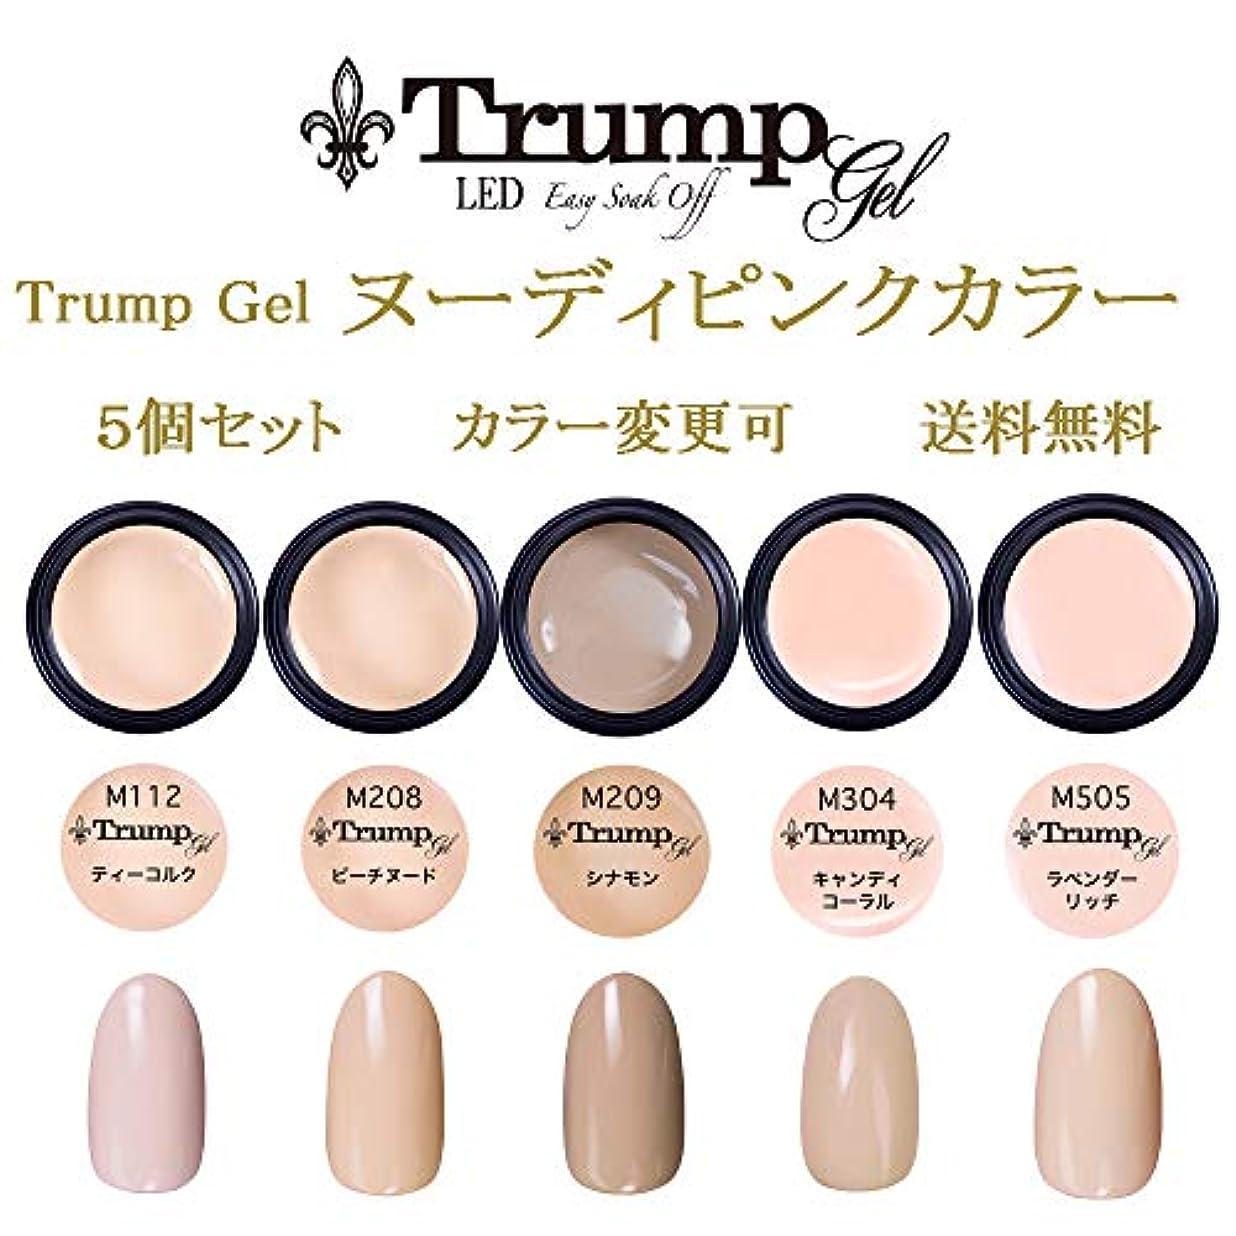 パプアニューギニア非難するキルス日本製 Trump gel トランプジェル ヌーディピンク 選べる カラージェル 5個セット ピンク ベージュ ヌーディカラー